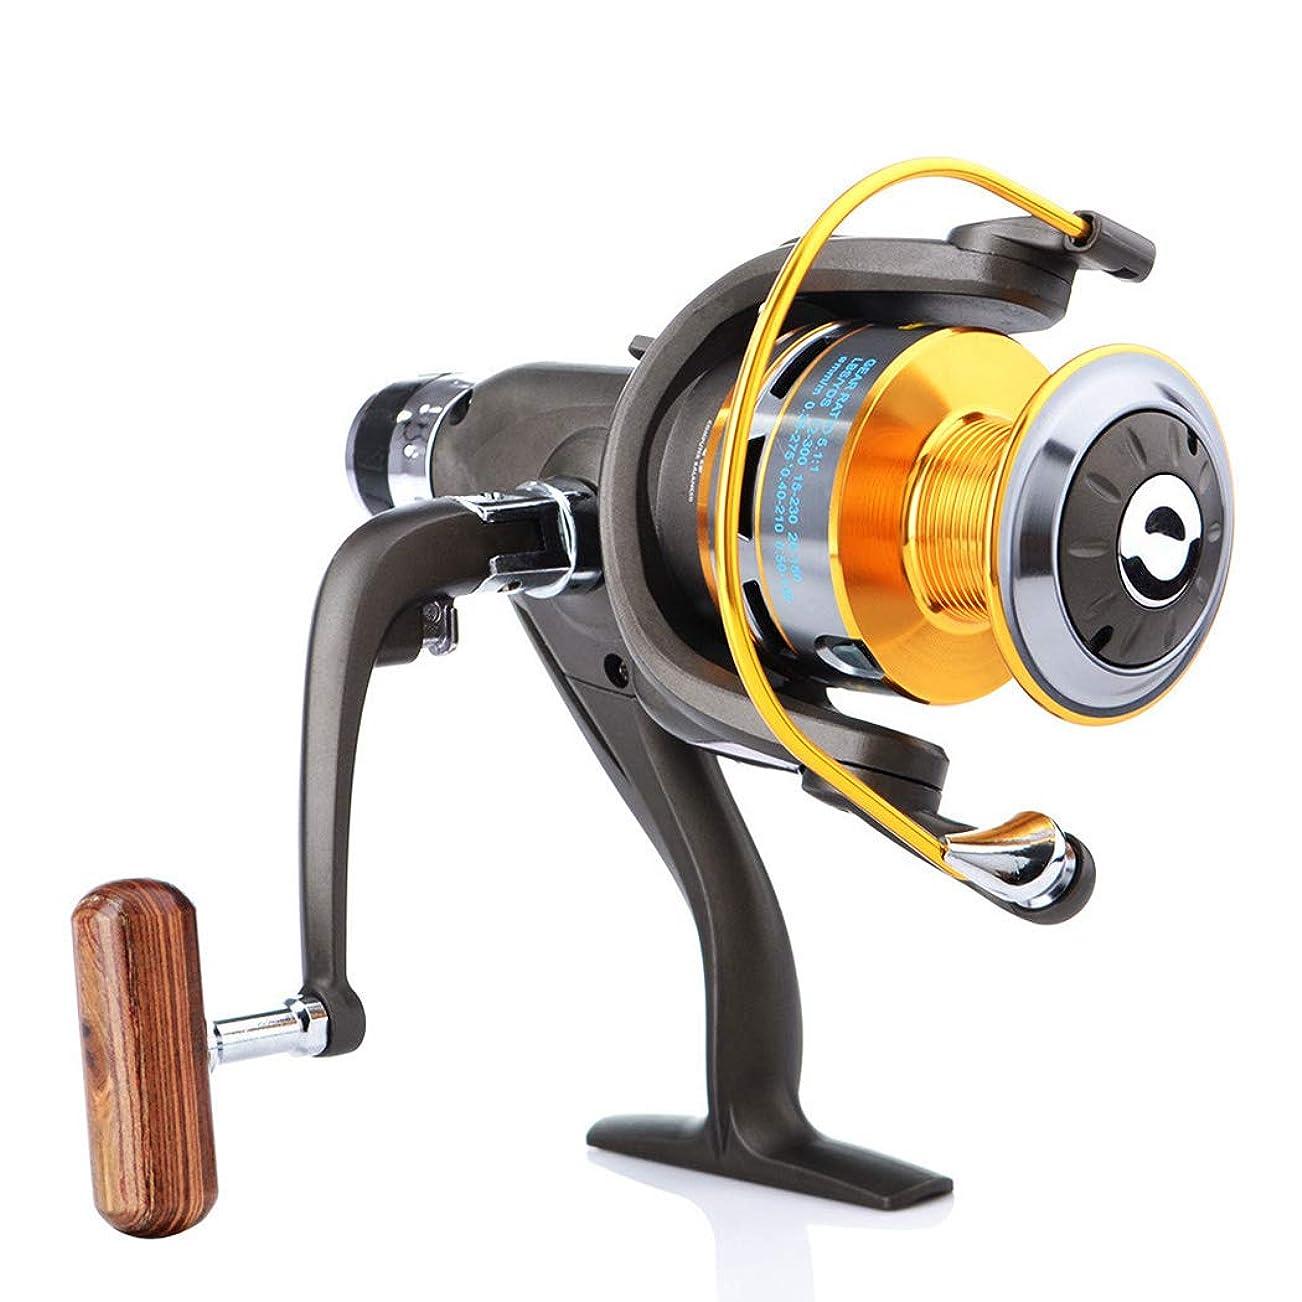 閃光空白ライム釣りリールメタルロッカーリールリール釣りリールスピニングホイール釣り道具シャフト釣りリール漁師金属リール